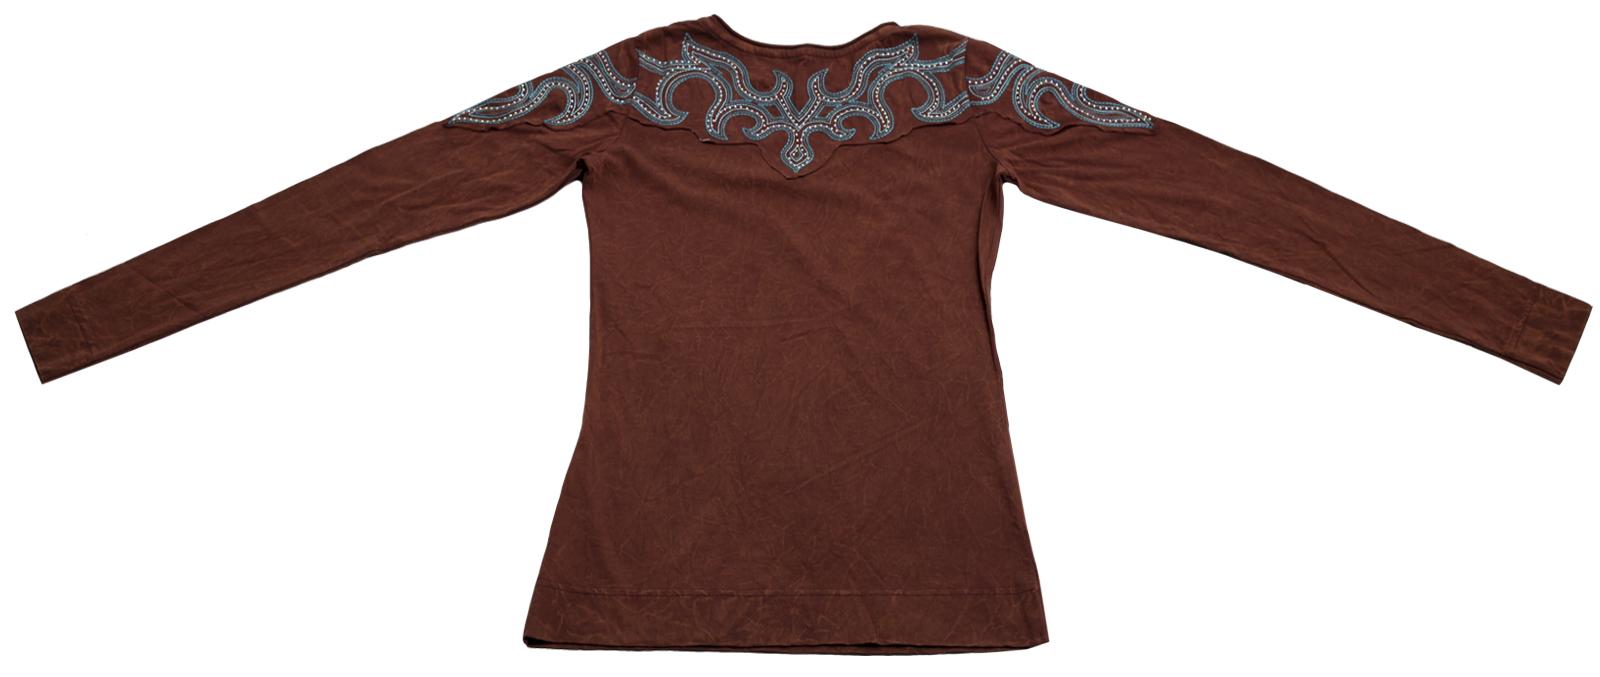 Купить коричневую кофточку бренда Panhandle Slim с принтованным орнаментом по специальной цене